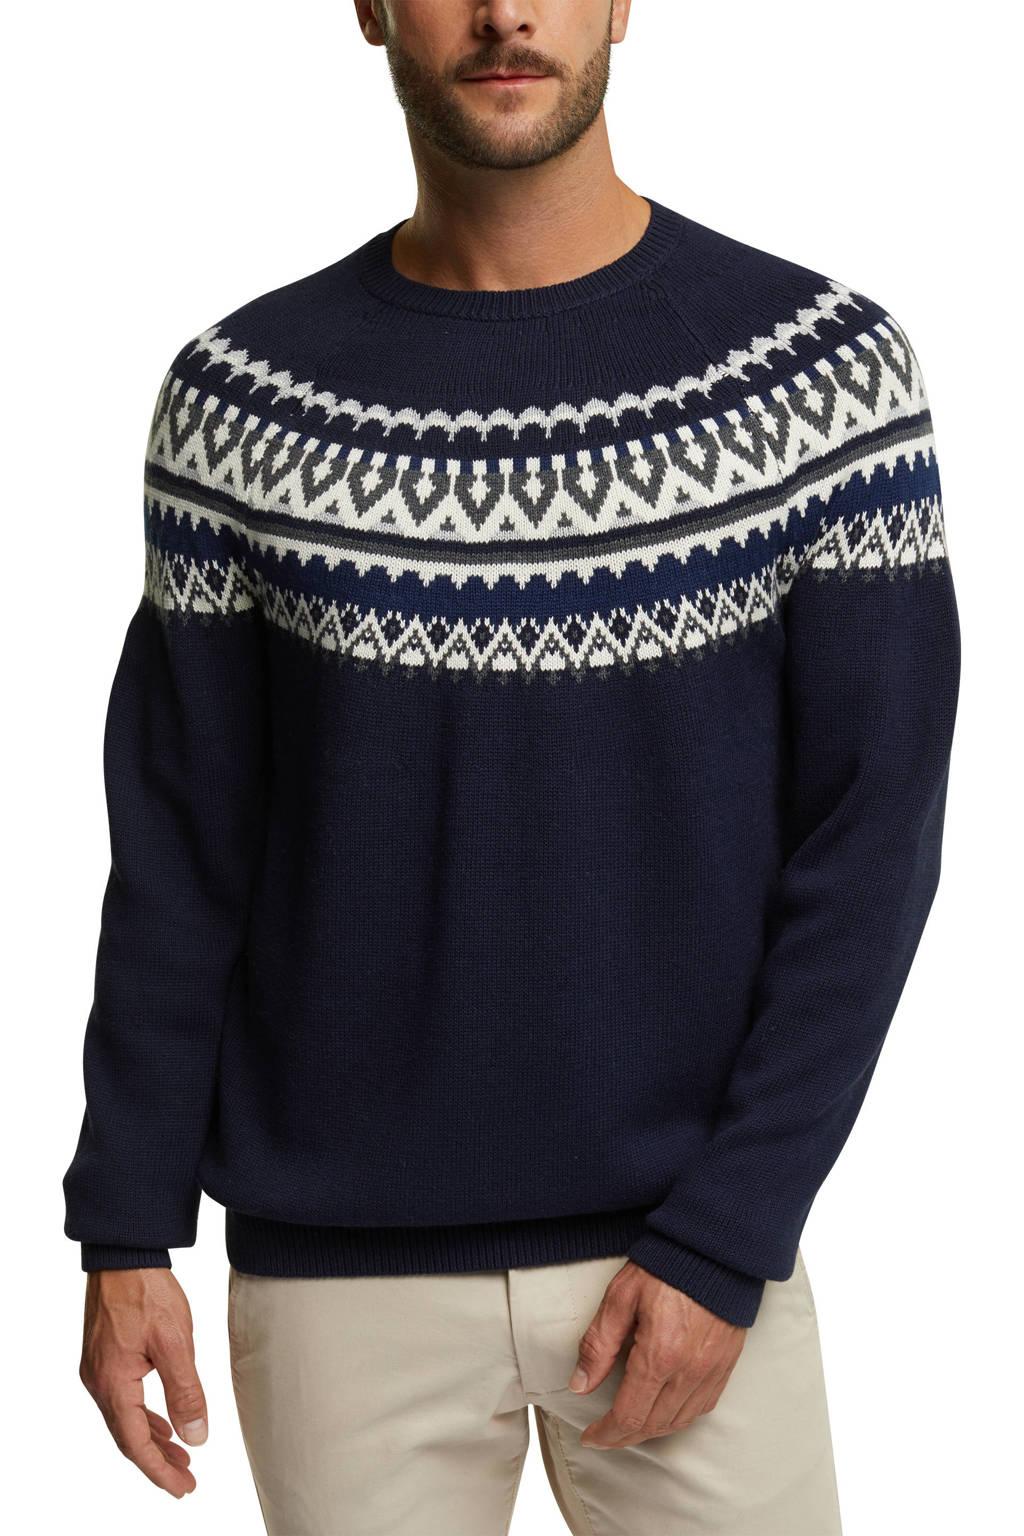 ESPRIT Men Casual trui met wol en all over print donkerblauw, Donkerblauw